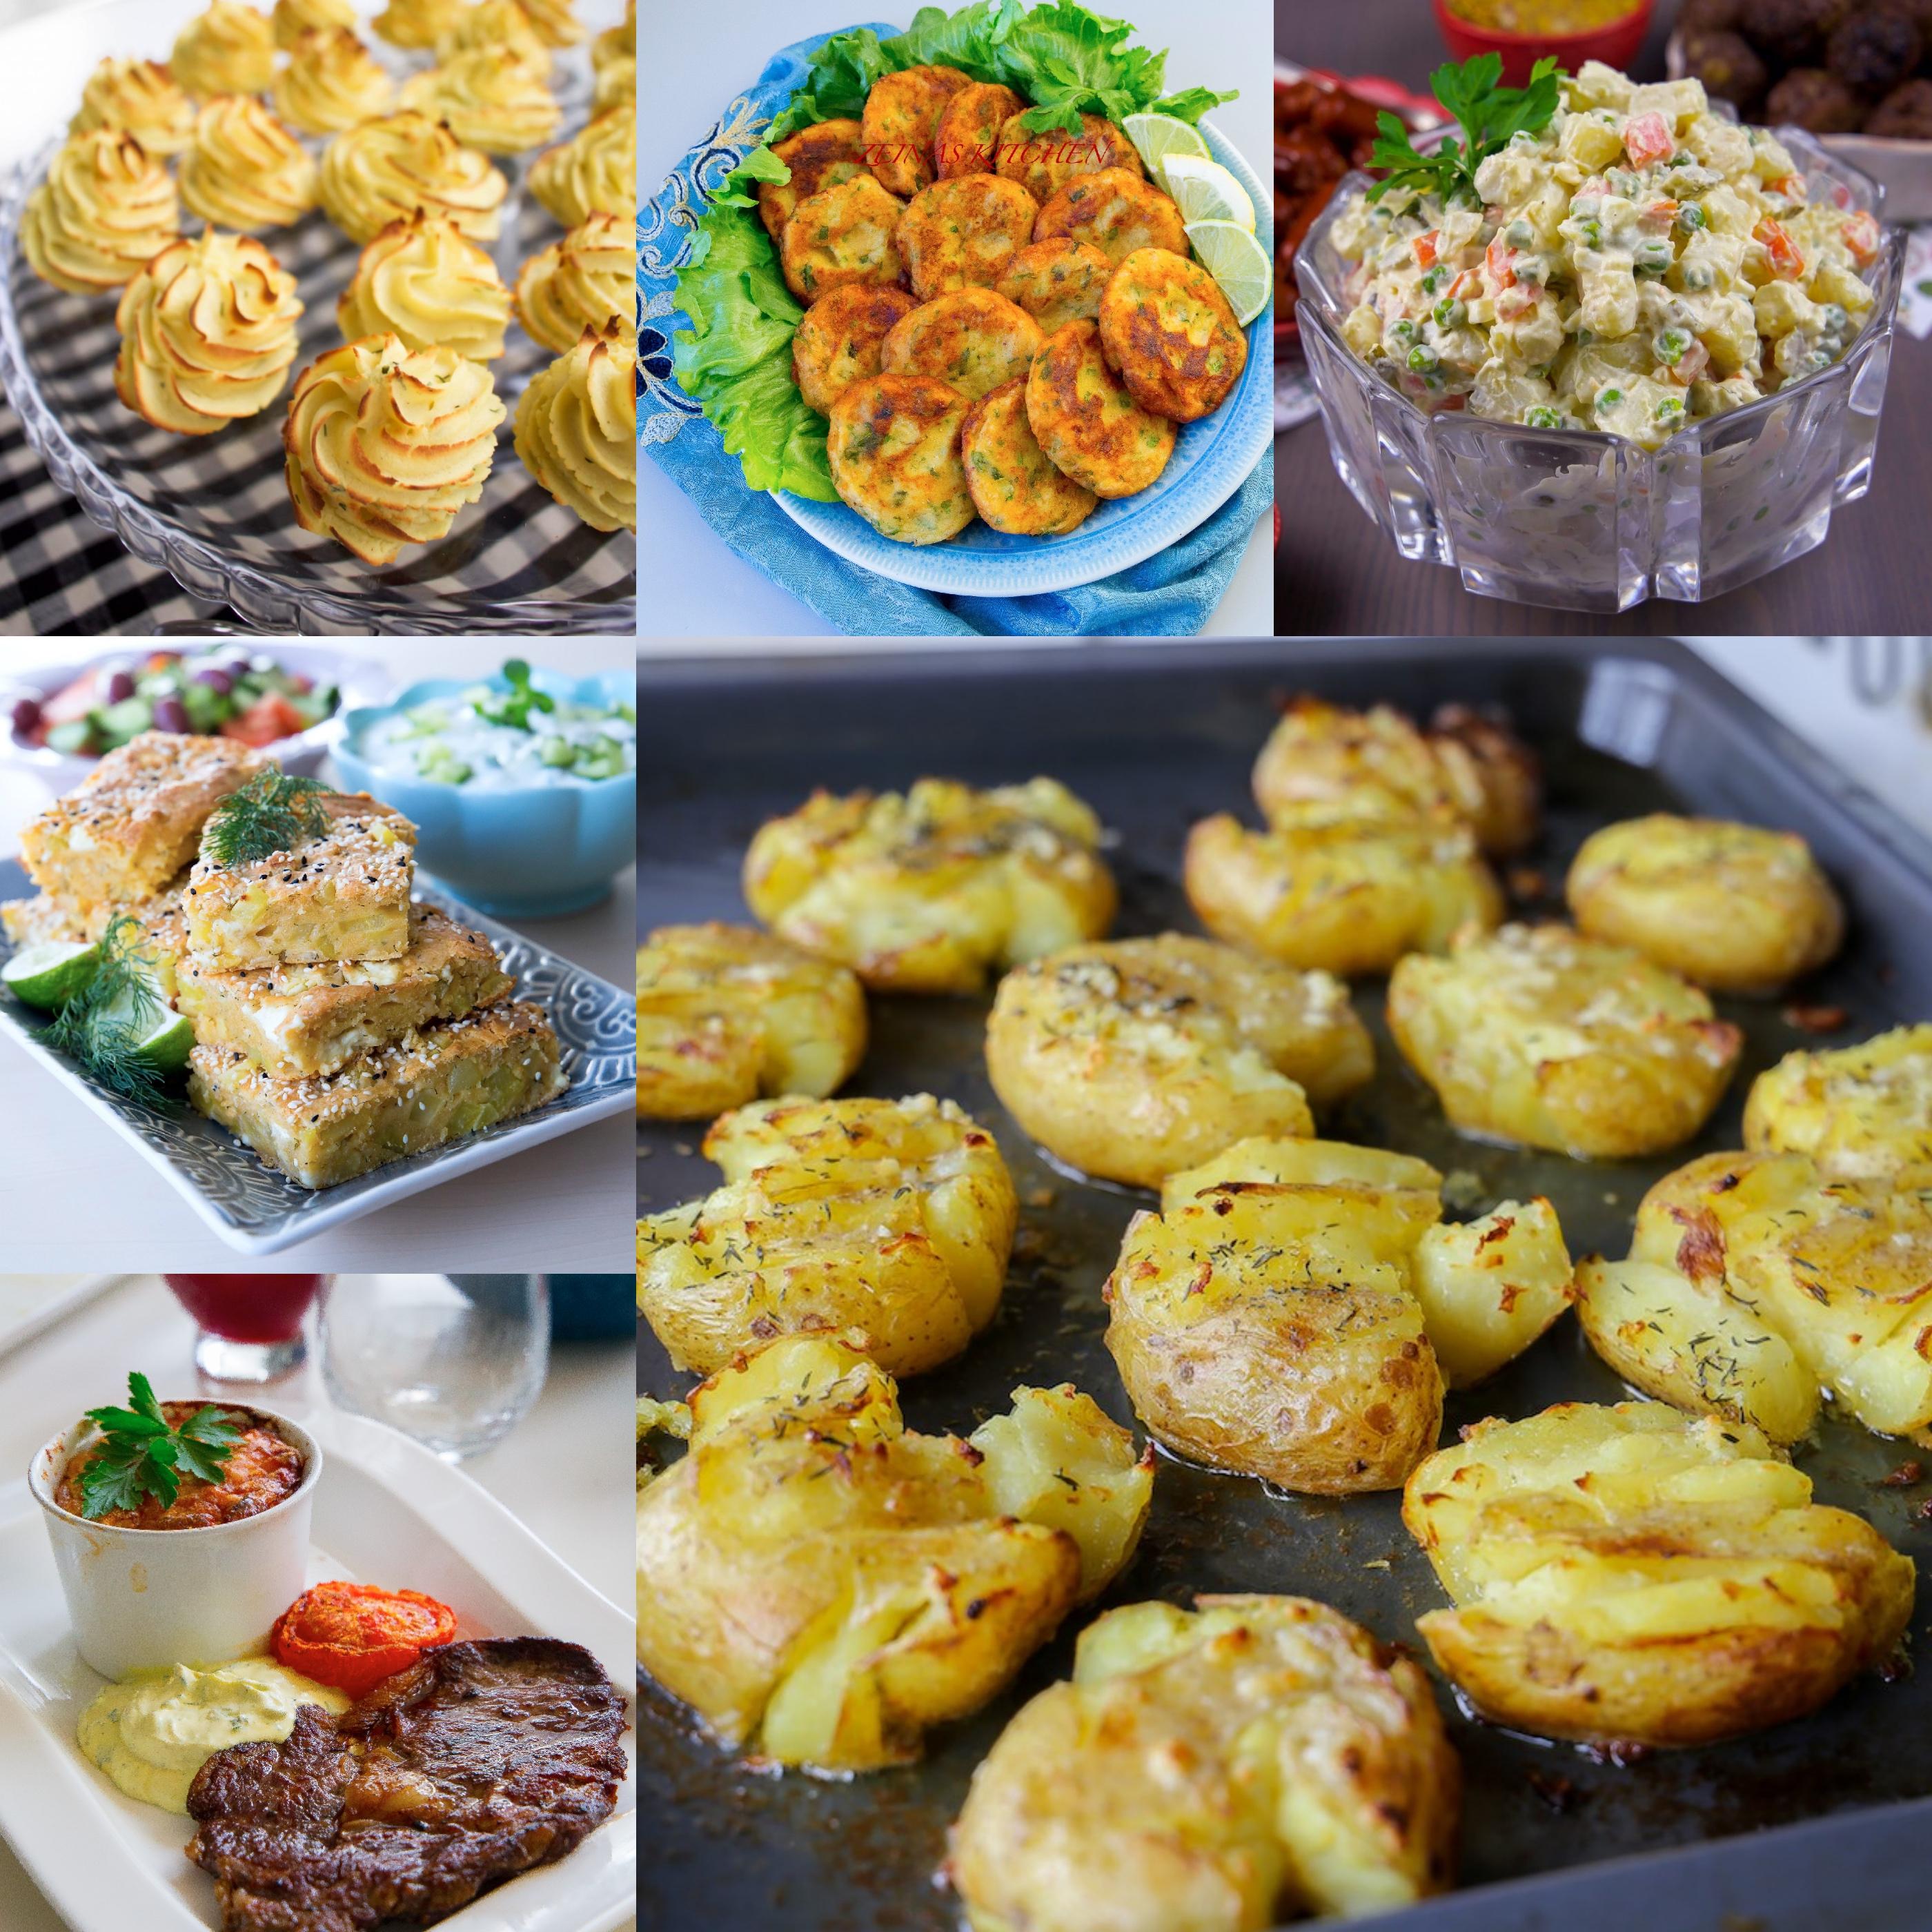 mat och potatis